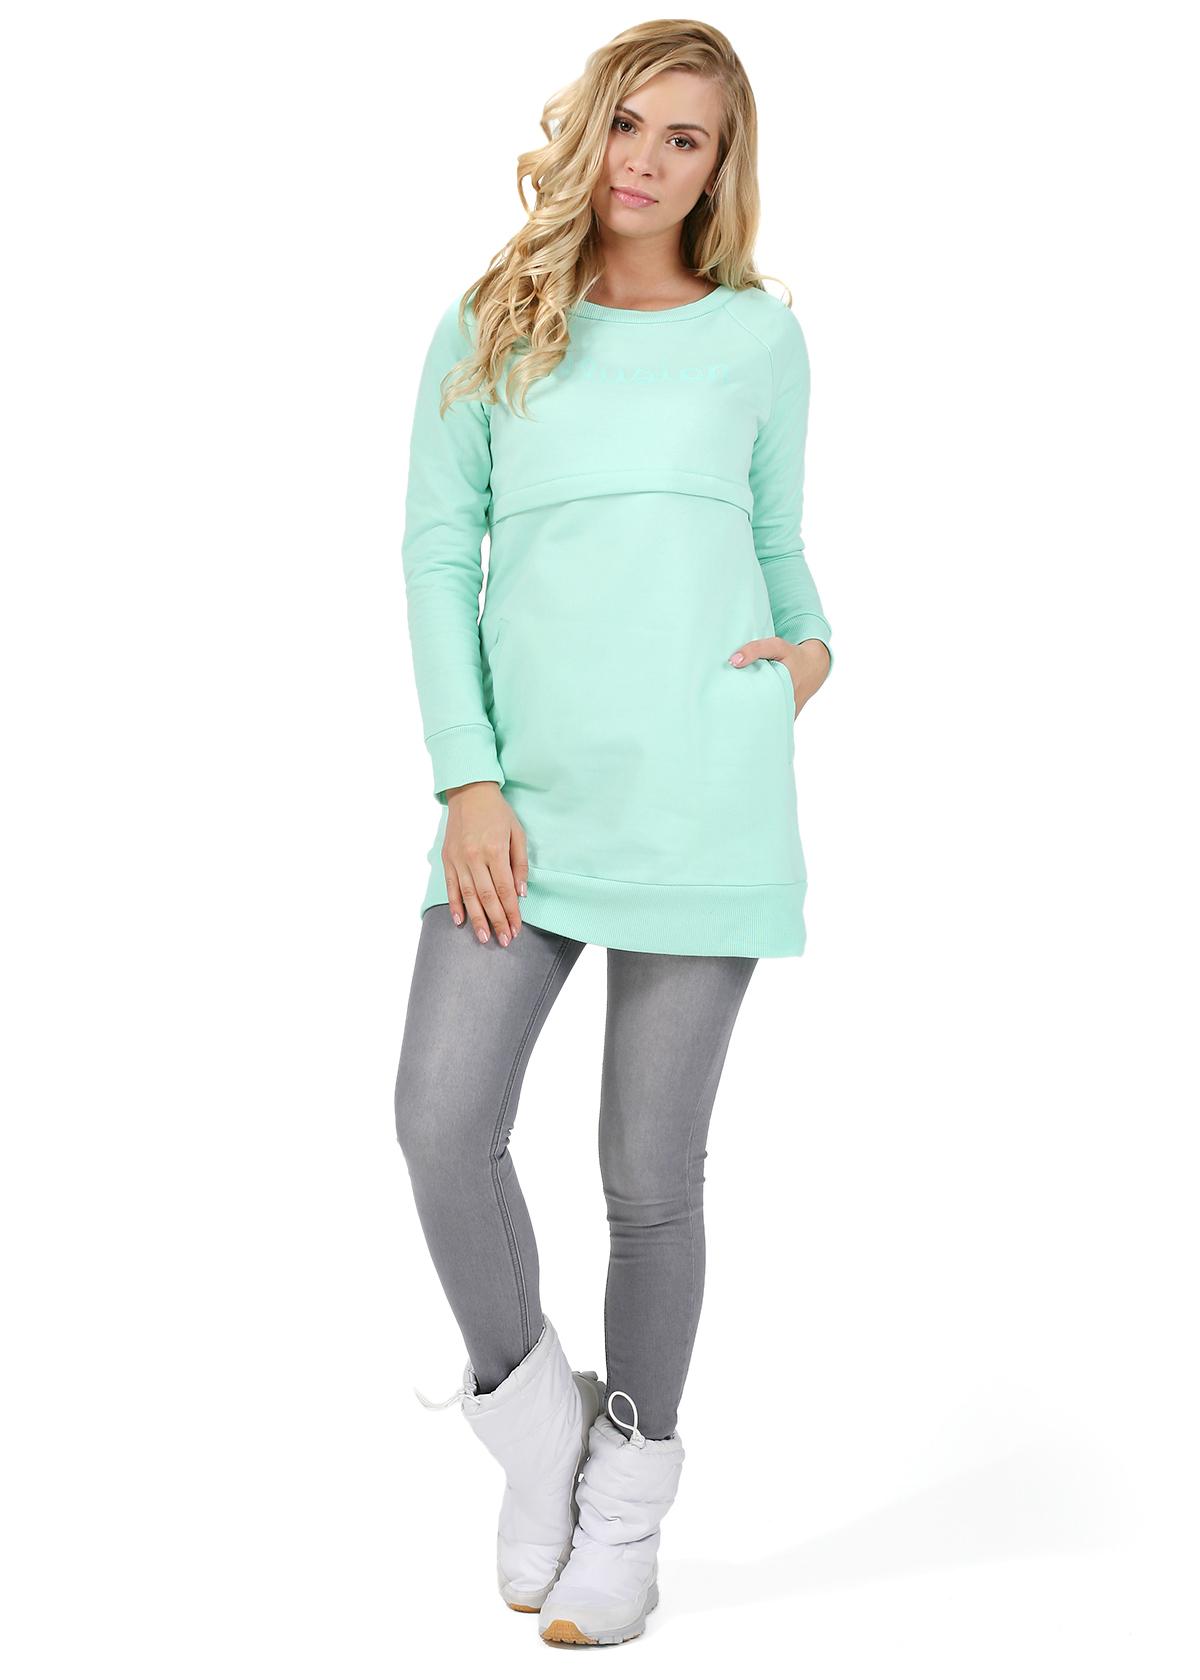 Джемперы,толстовки для беременных и кормящих мам   Рязань   Магазин ... 8b1b1e67bb7